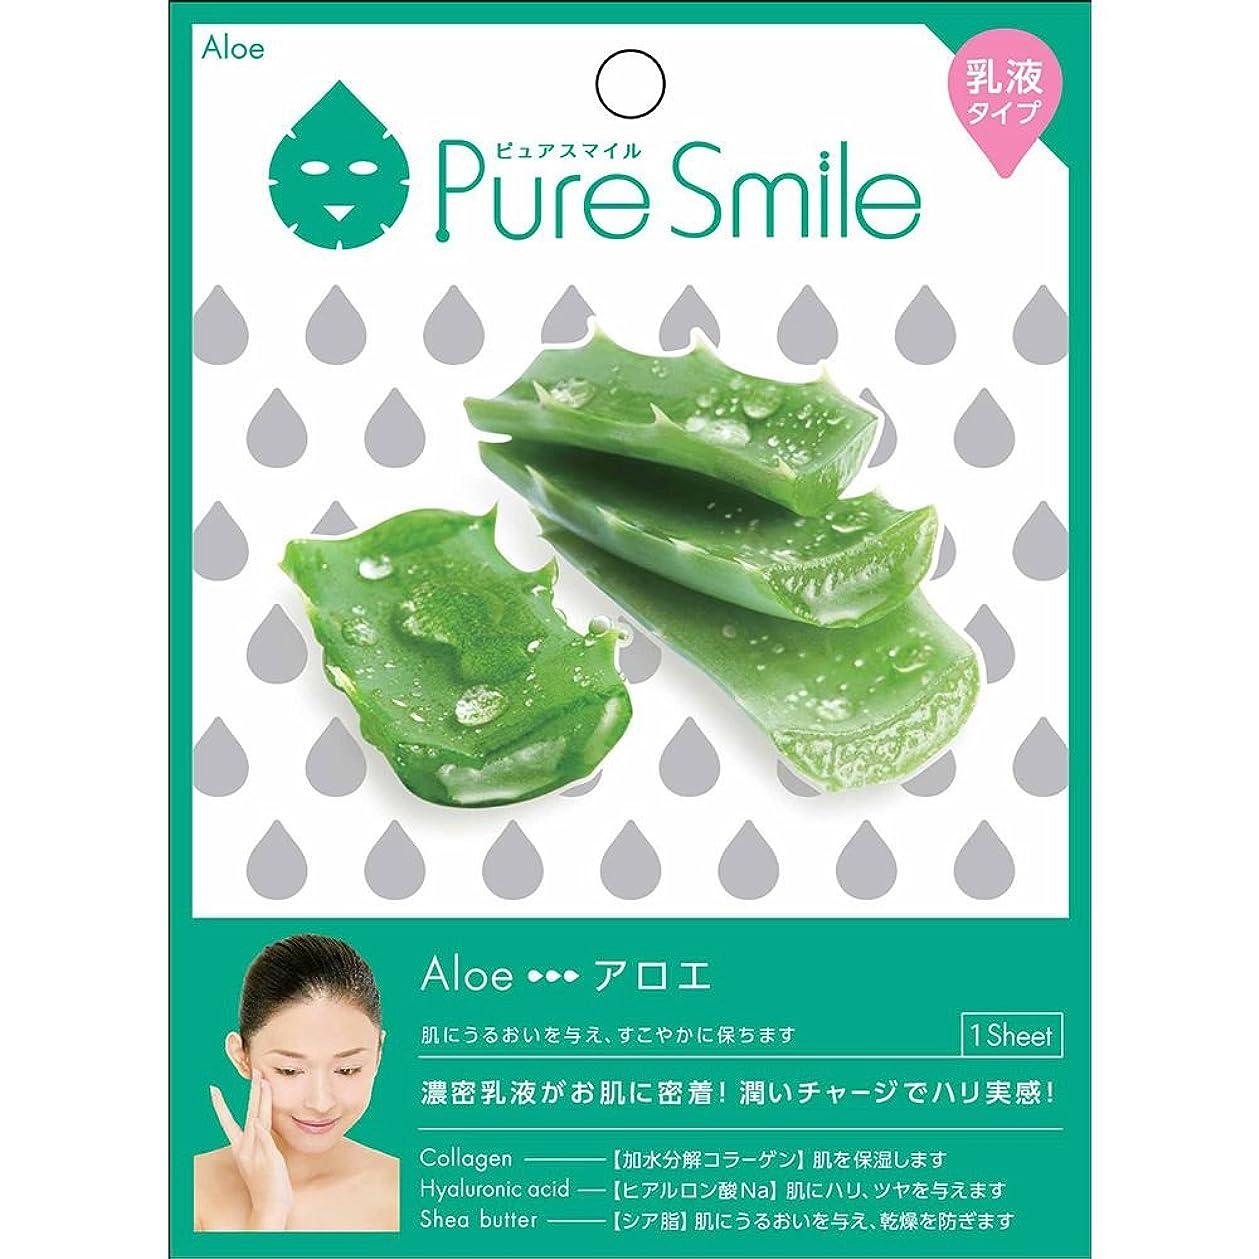 迷彩おもしろいたまにPure Smile(ピュアスマイル) 乳液エッセンスマスク 1 枚 アロエ